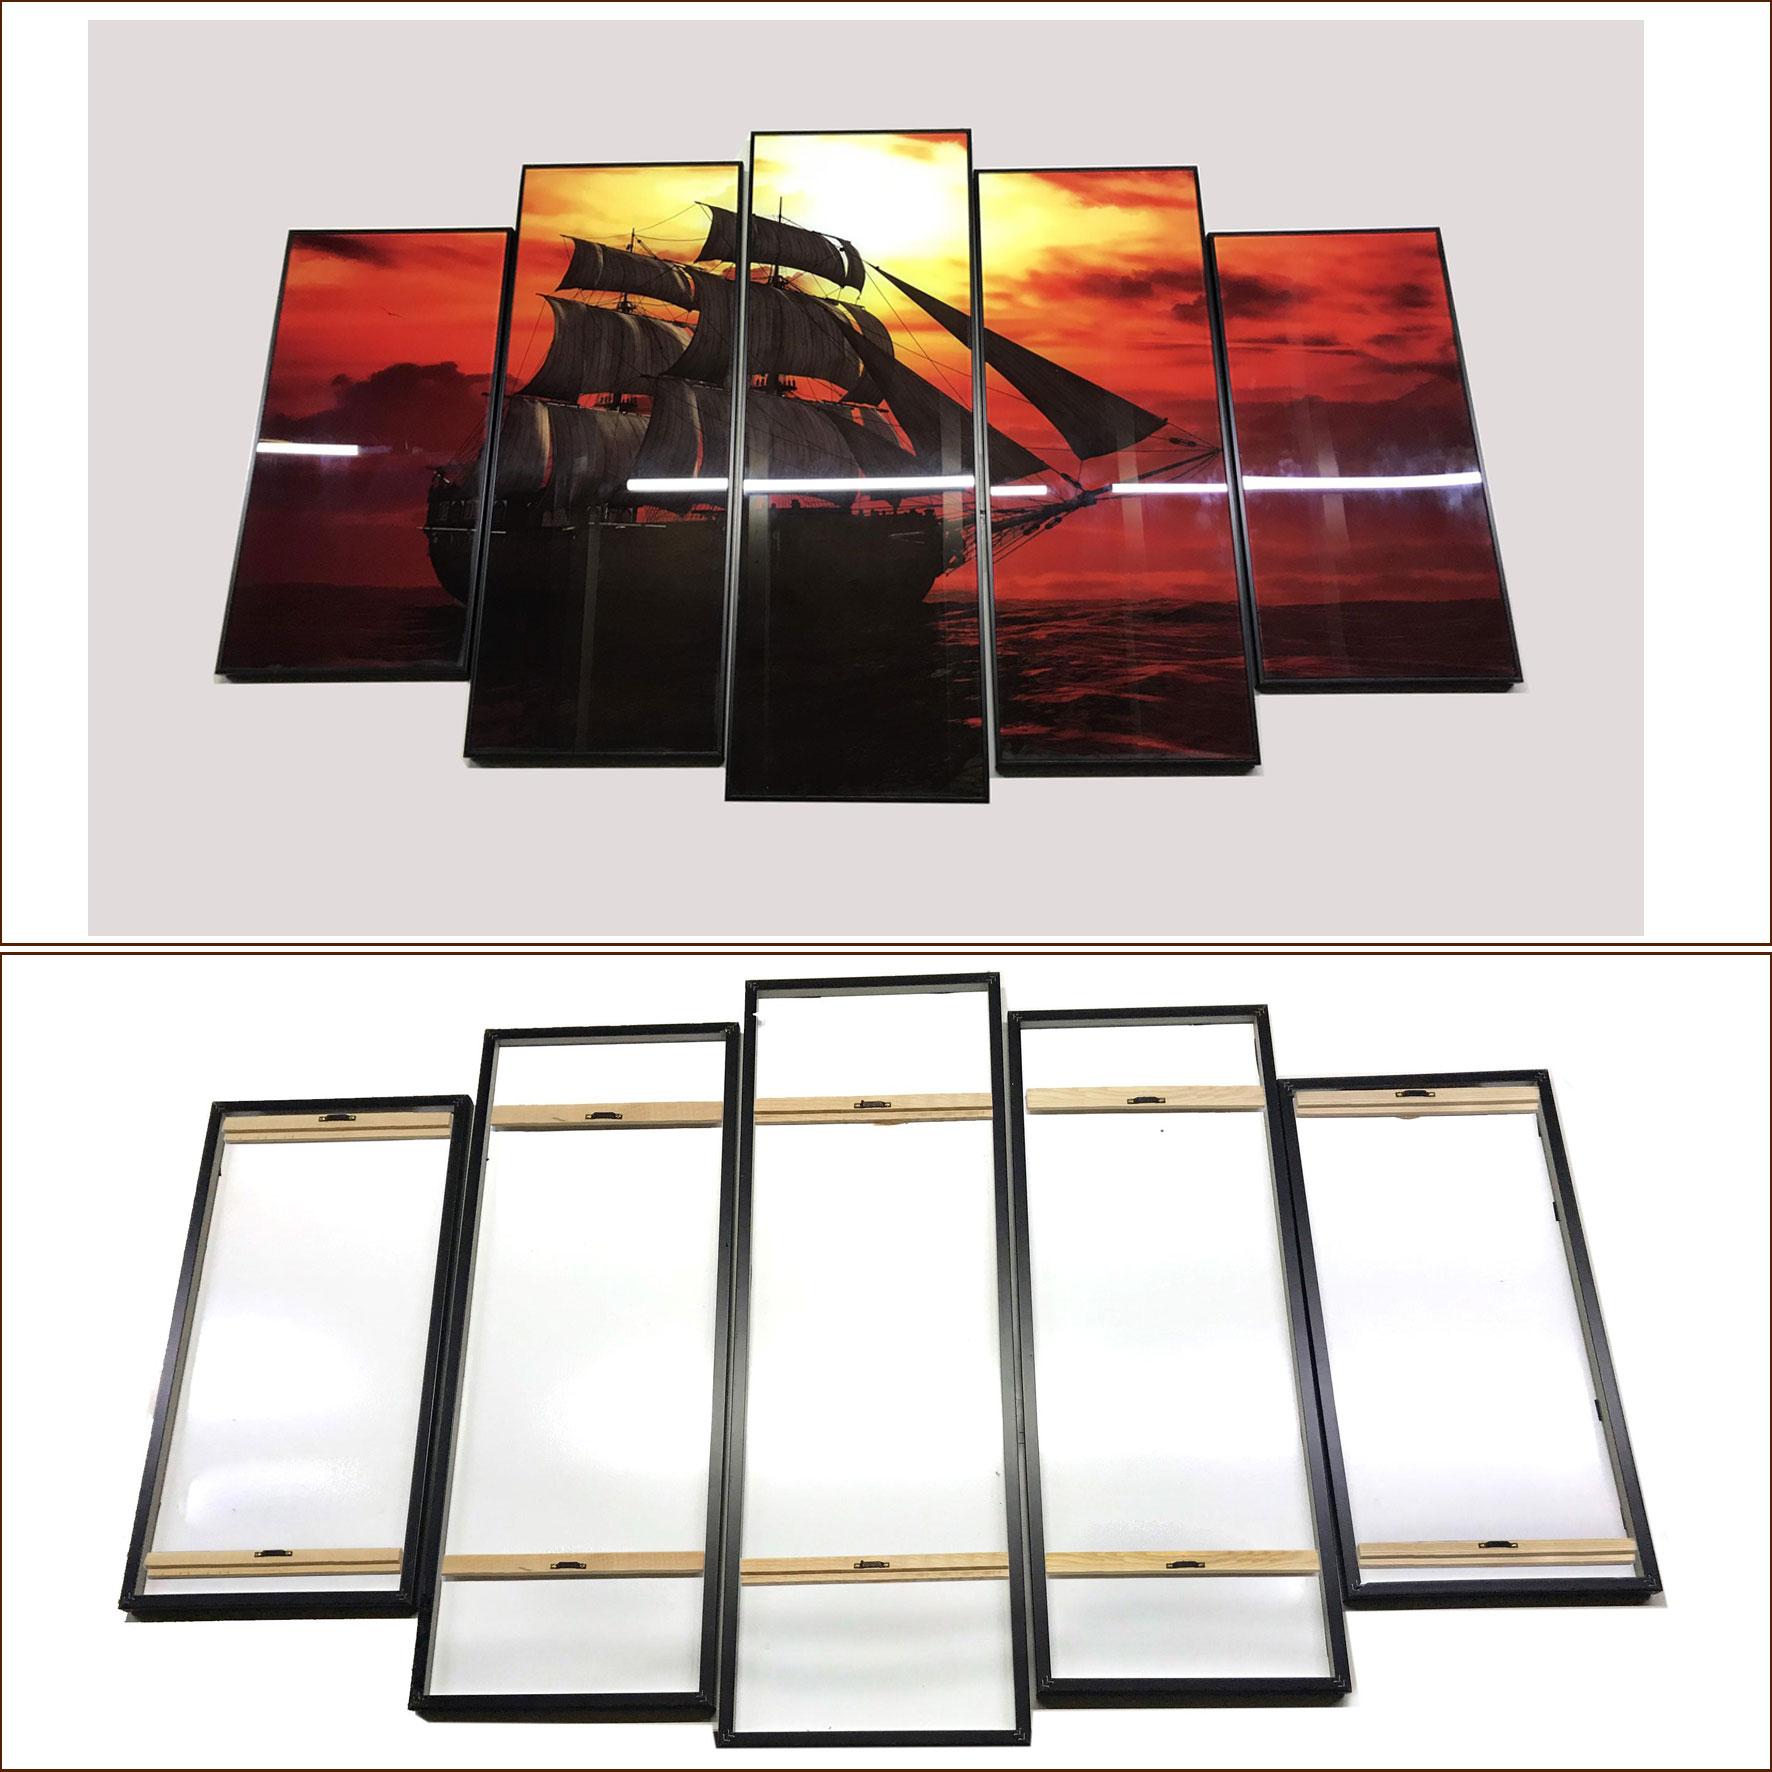 Tranh kính treo tường 3D-Cảnh biển lúc hoàng hôn - GE09- kính cường lực 5mm, khung viền composite, công nghệ in UV 3 lớp, bền màu trên 20 năm.